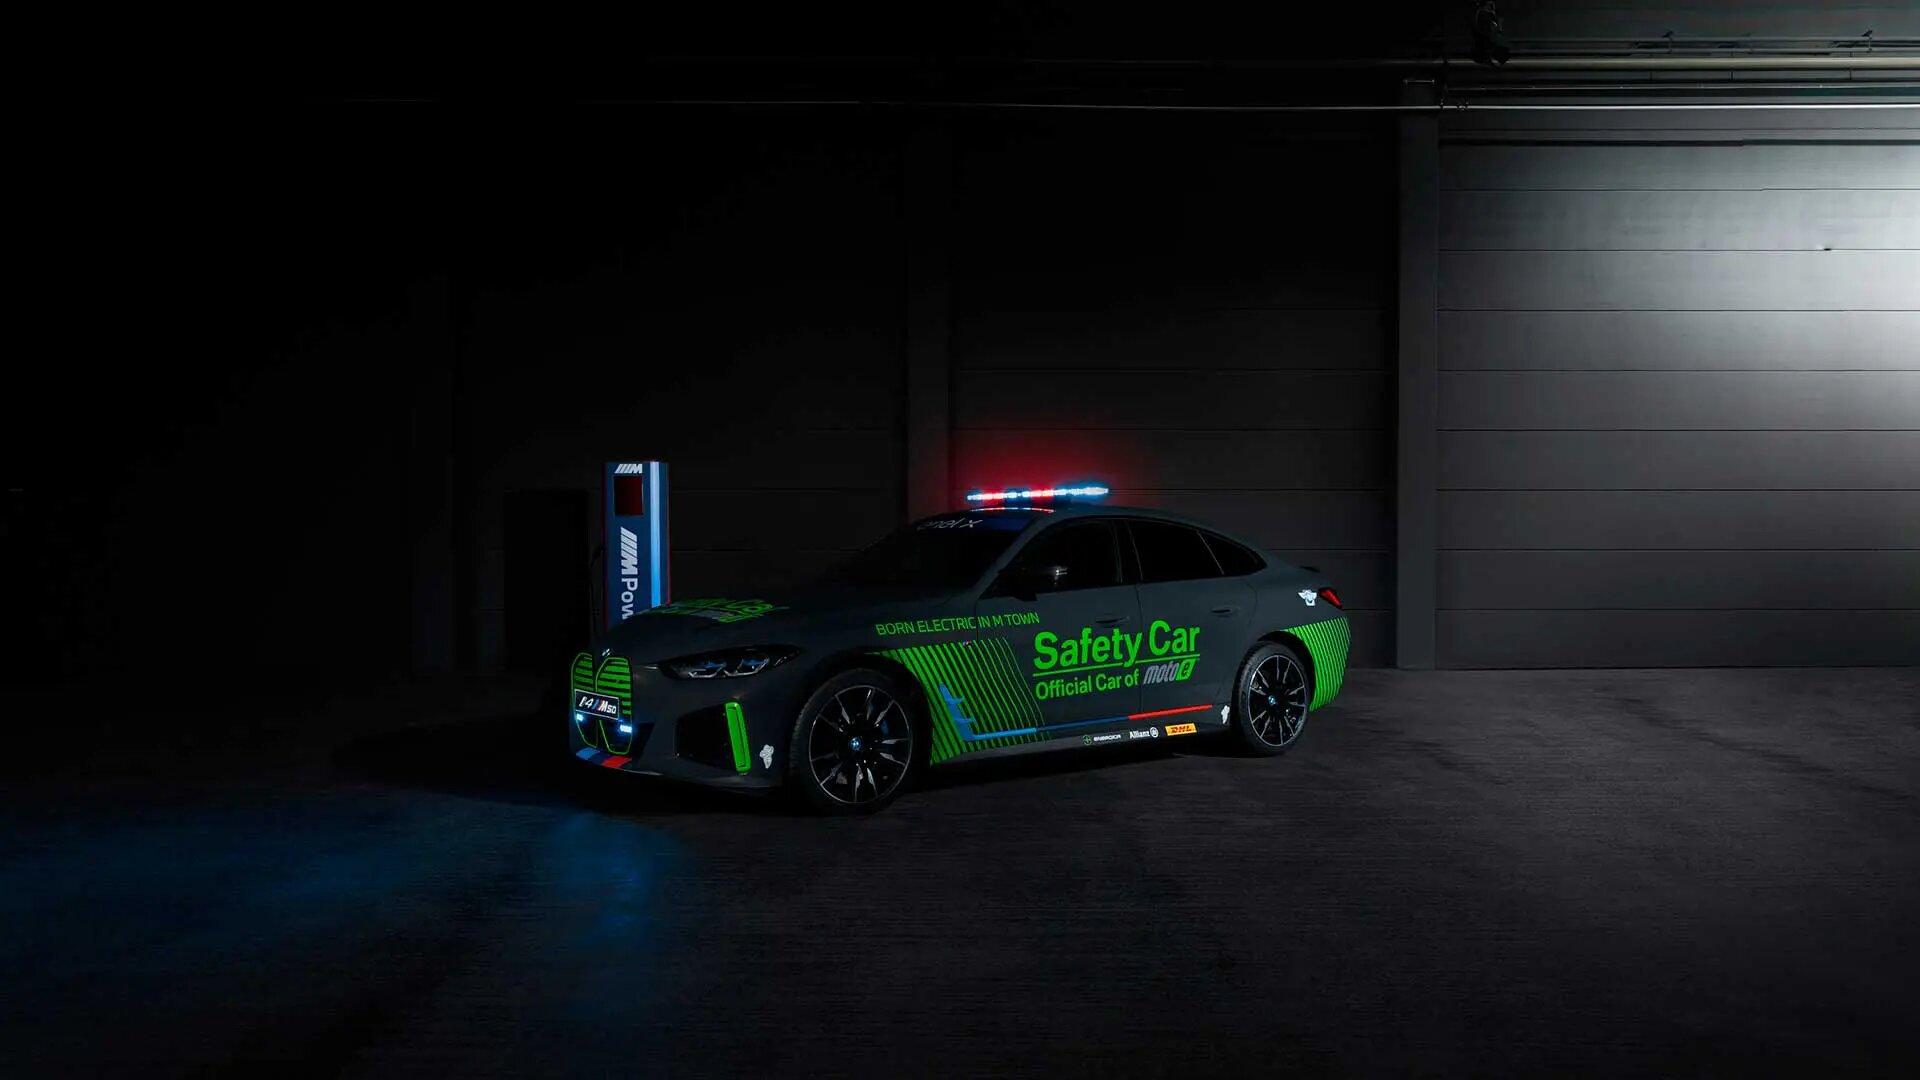 BMW M presenta el nuevo Safety Car que estará presente en la categoría MotoE